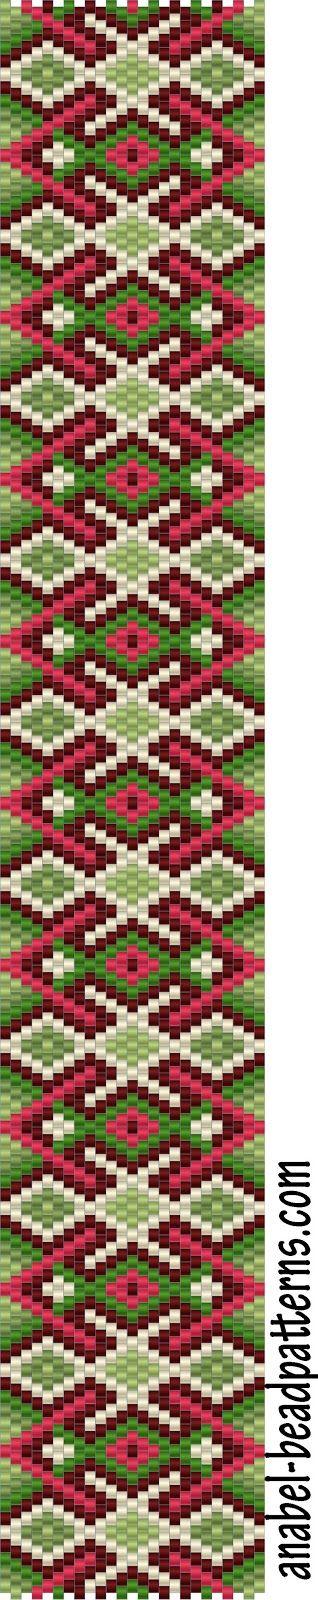 The scheme bracelet Spring Patterns - Free peyote bracelet pattern